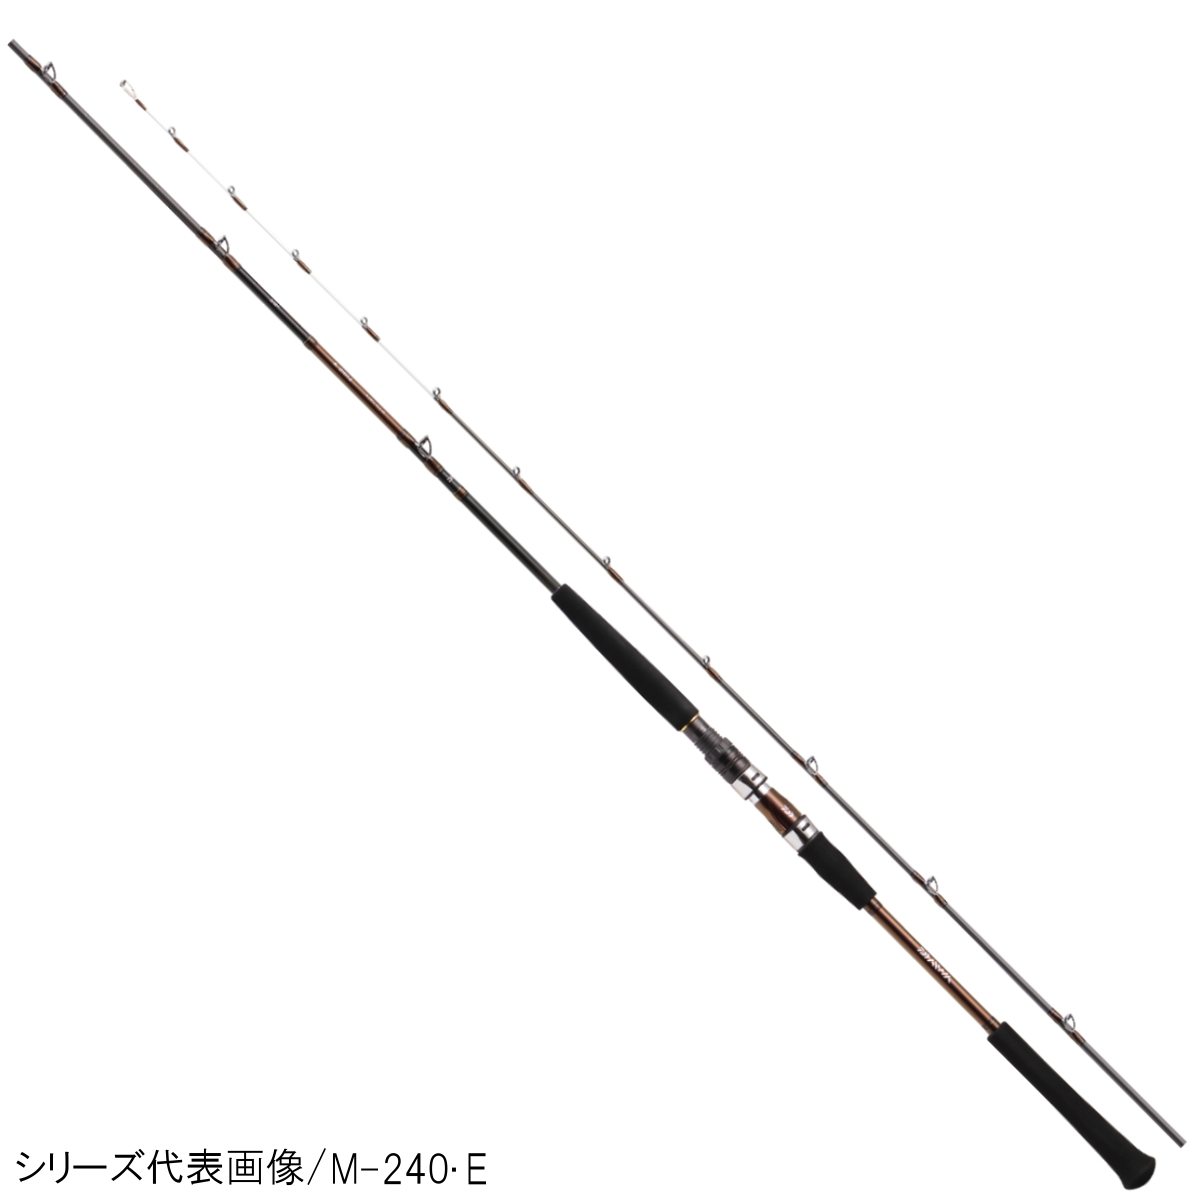 ダイワ A-ブリッツ ネライ M-180・E